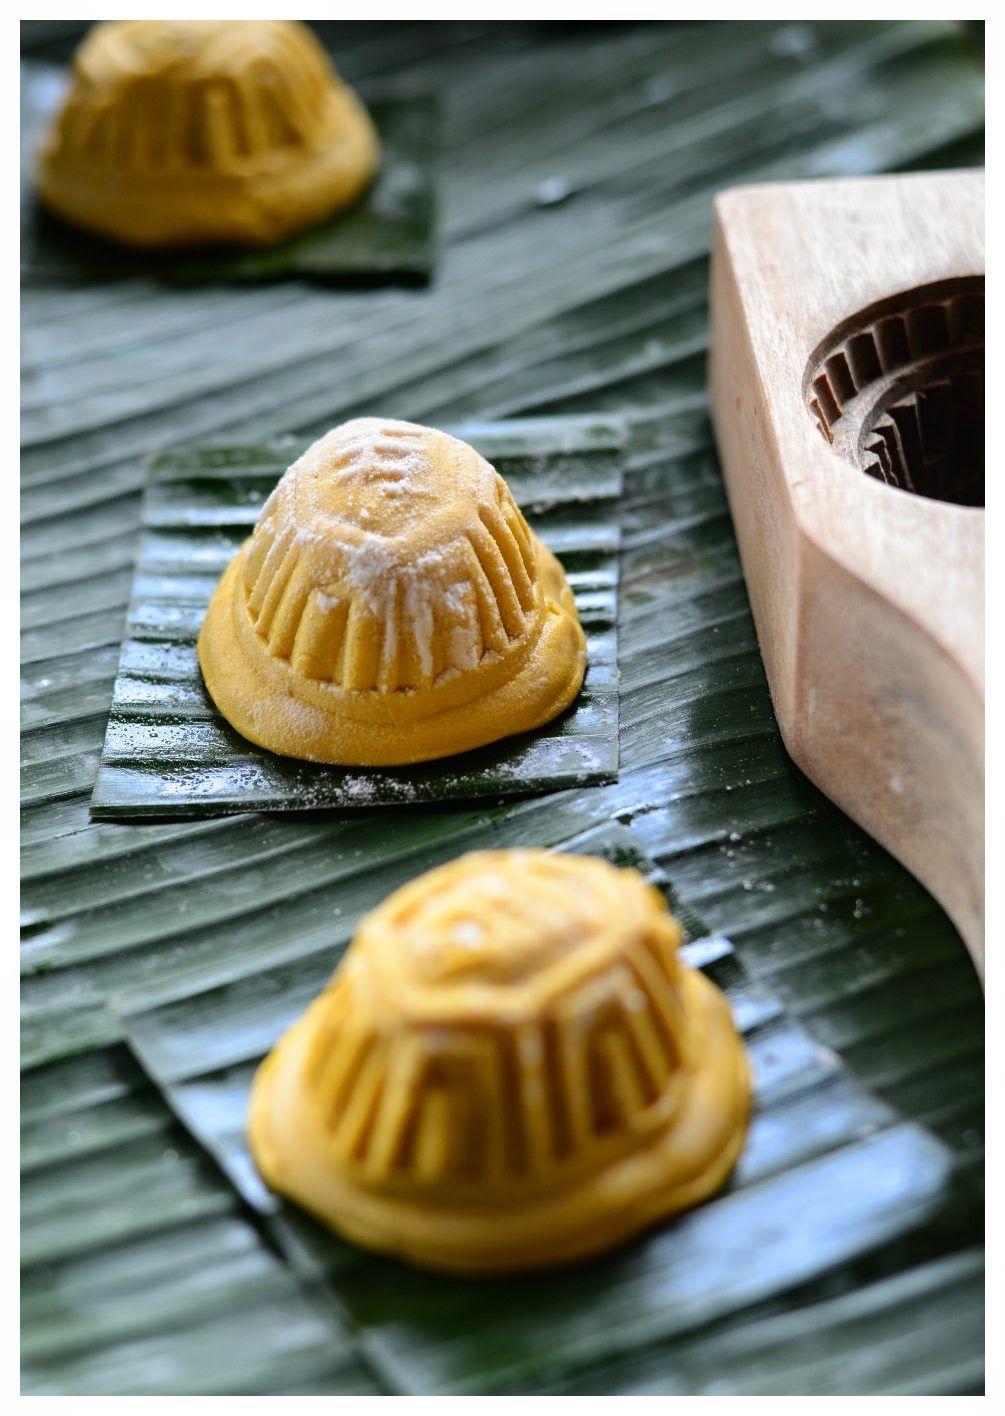 Kue Ku / Kue Thok Labu Kuning/ Pumpkin Angku Kueh